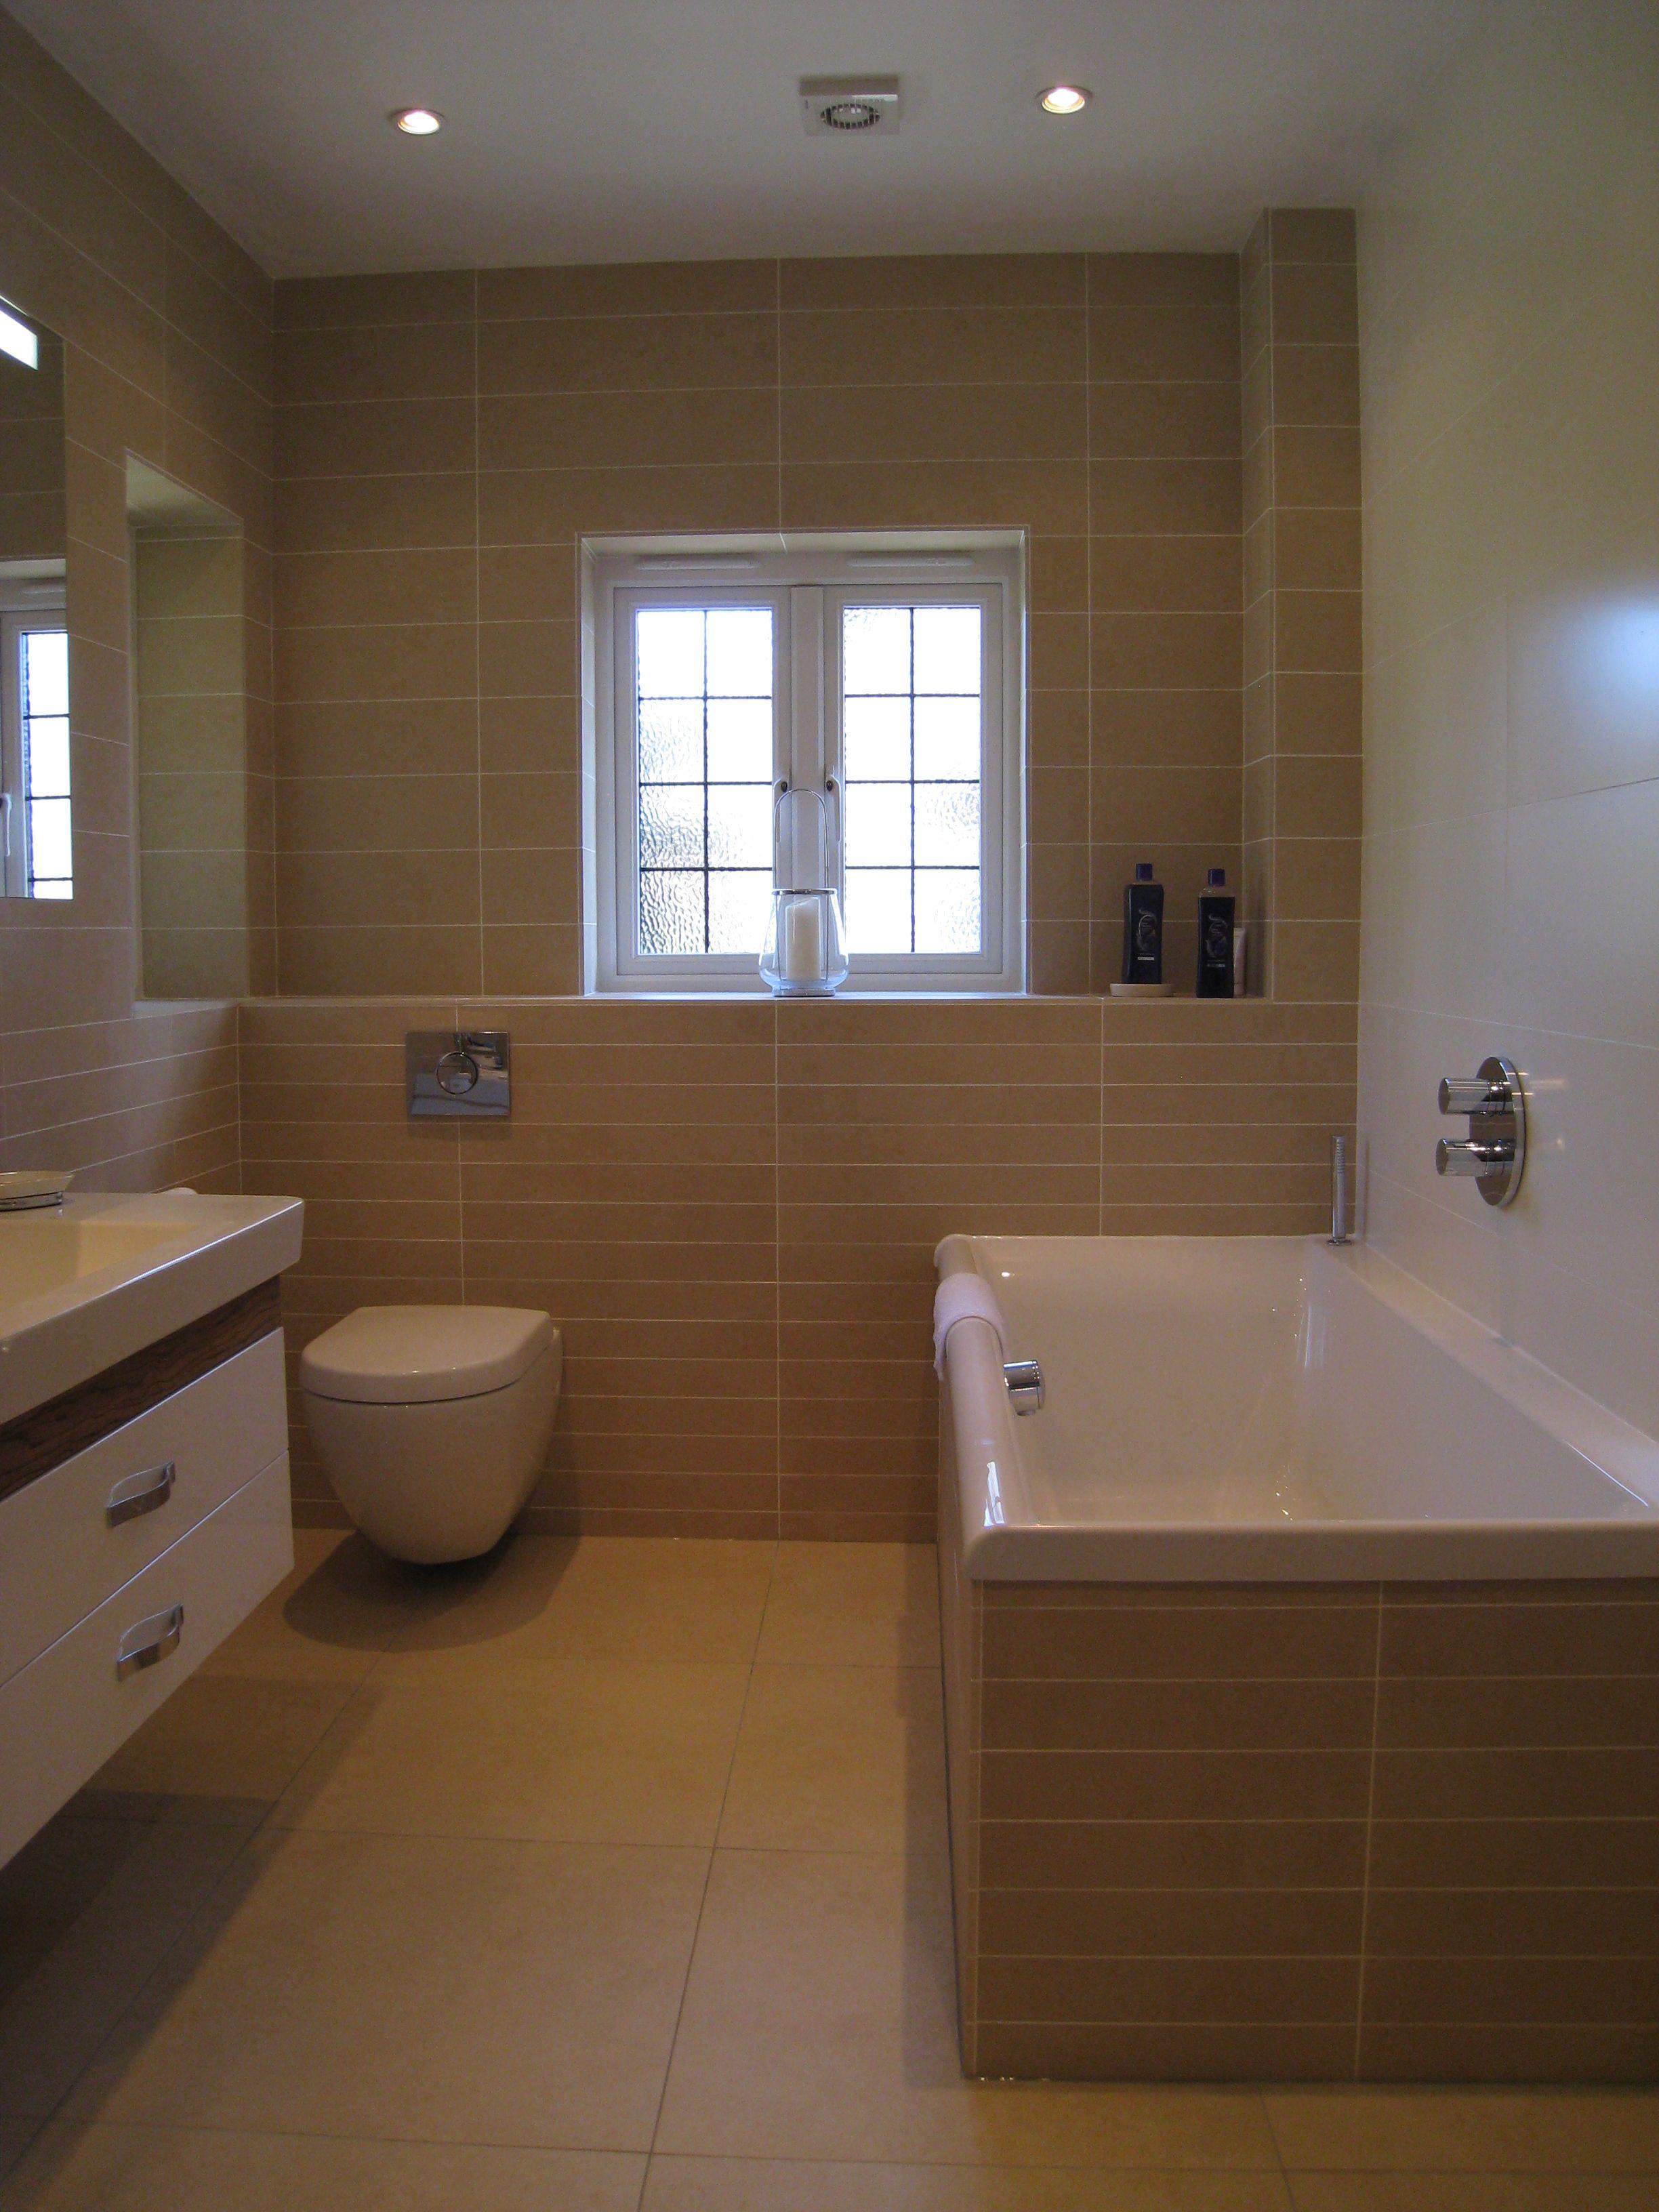 Bathroom Tiles Villeroy Boch villeroy & boch x-plane beige & melrose porcelain tiles used to